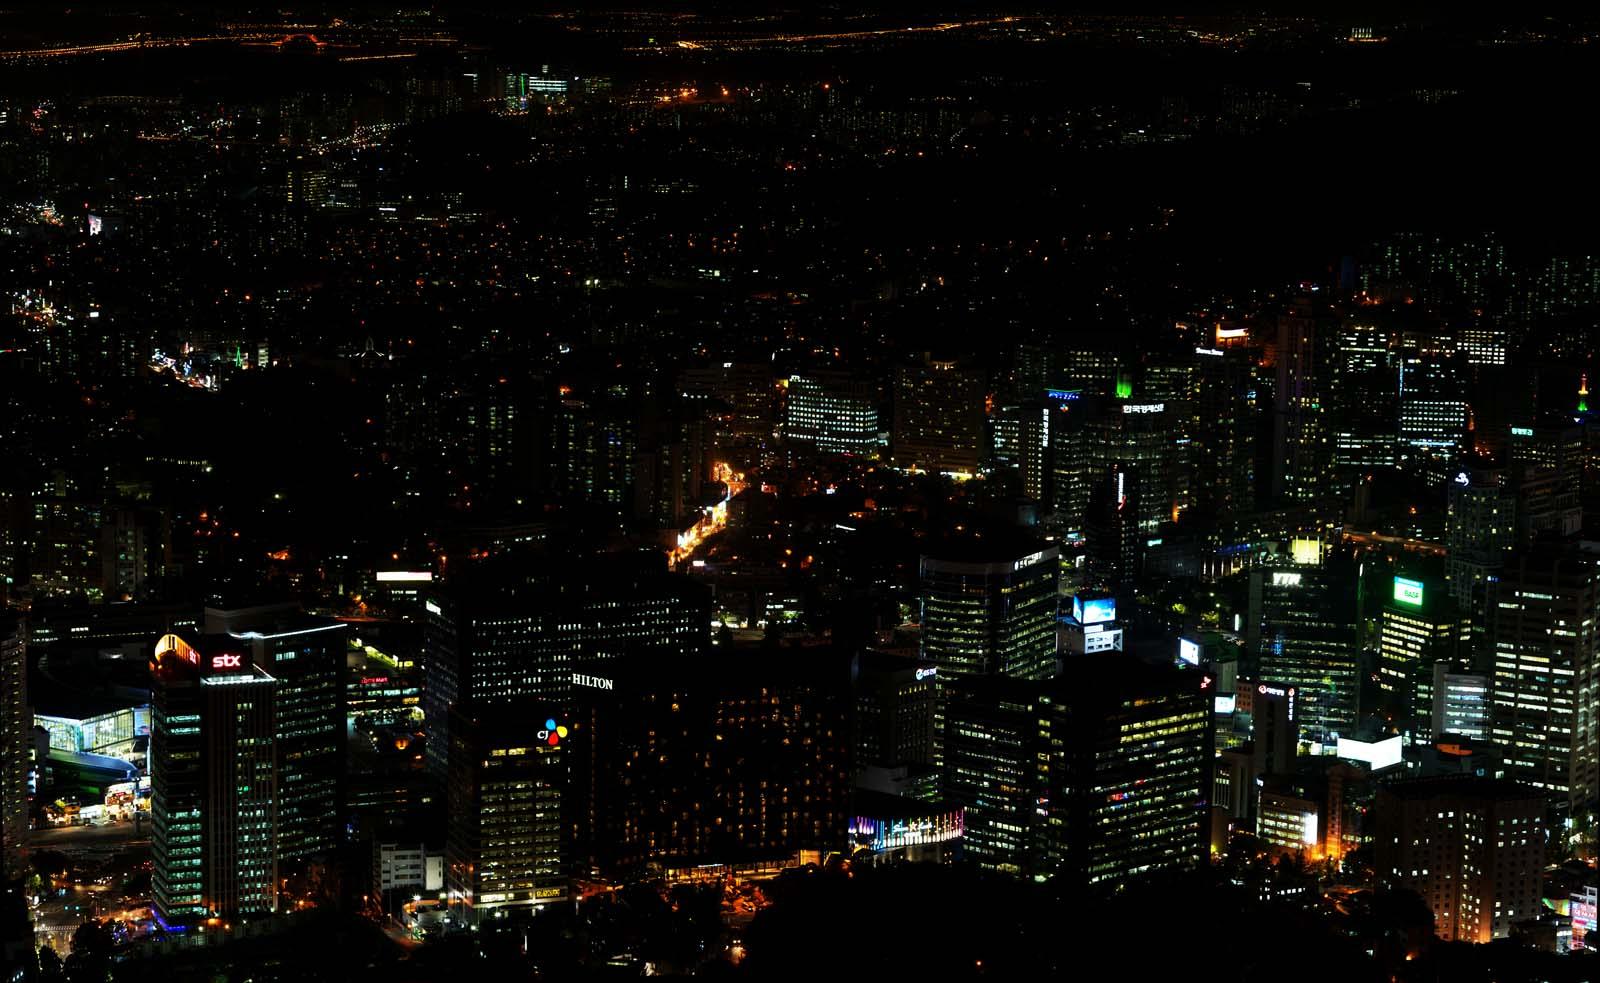 写真,素材,無料,フリー,フォト,クリエイティブ・コモンズ,風景,壁紙,ソウルの夜景, ビル, ネオン, 夜景, 照明